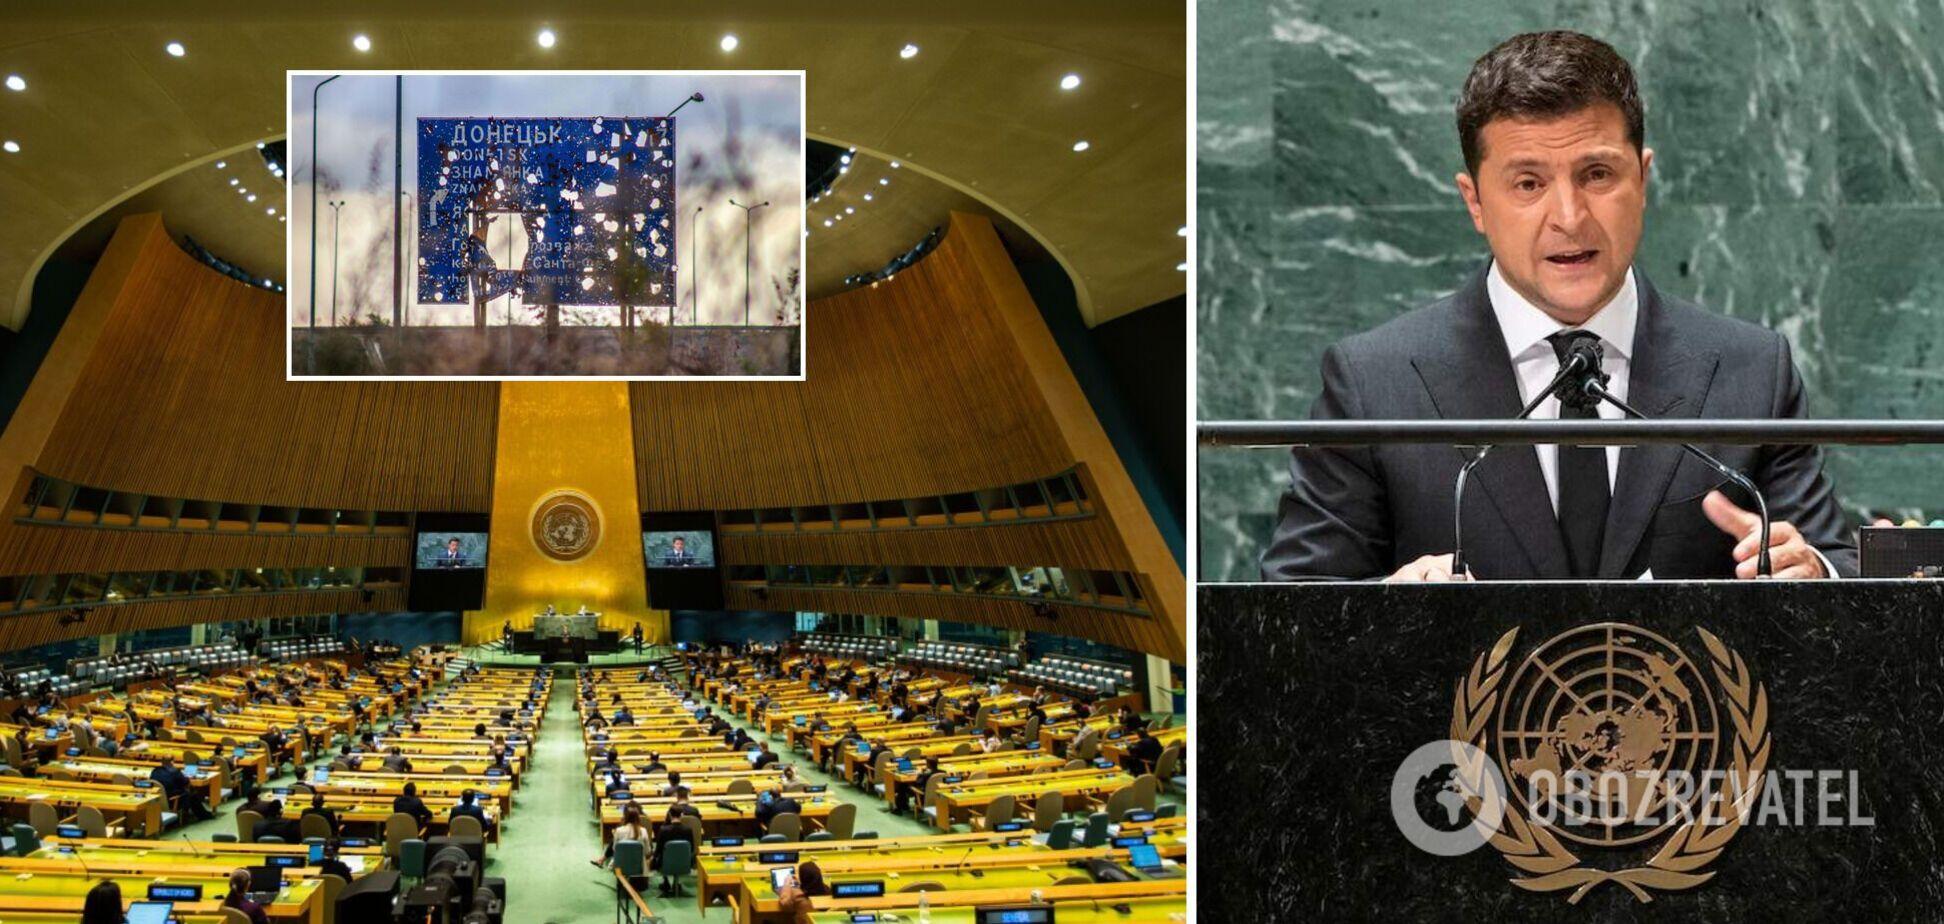 Зеленский на Генассамблее ООН: война на Донбассе – это почти 15 тыс. погибших, цена свободы и независимости